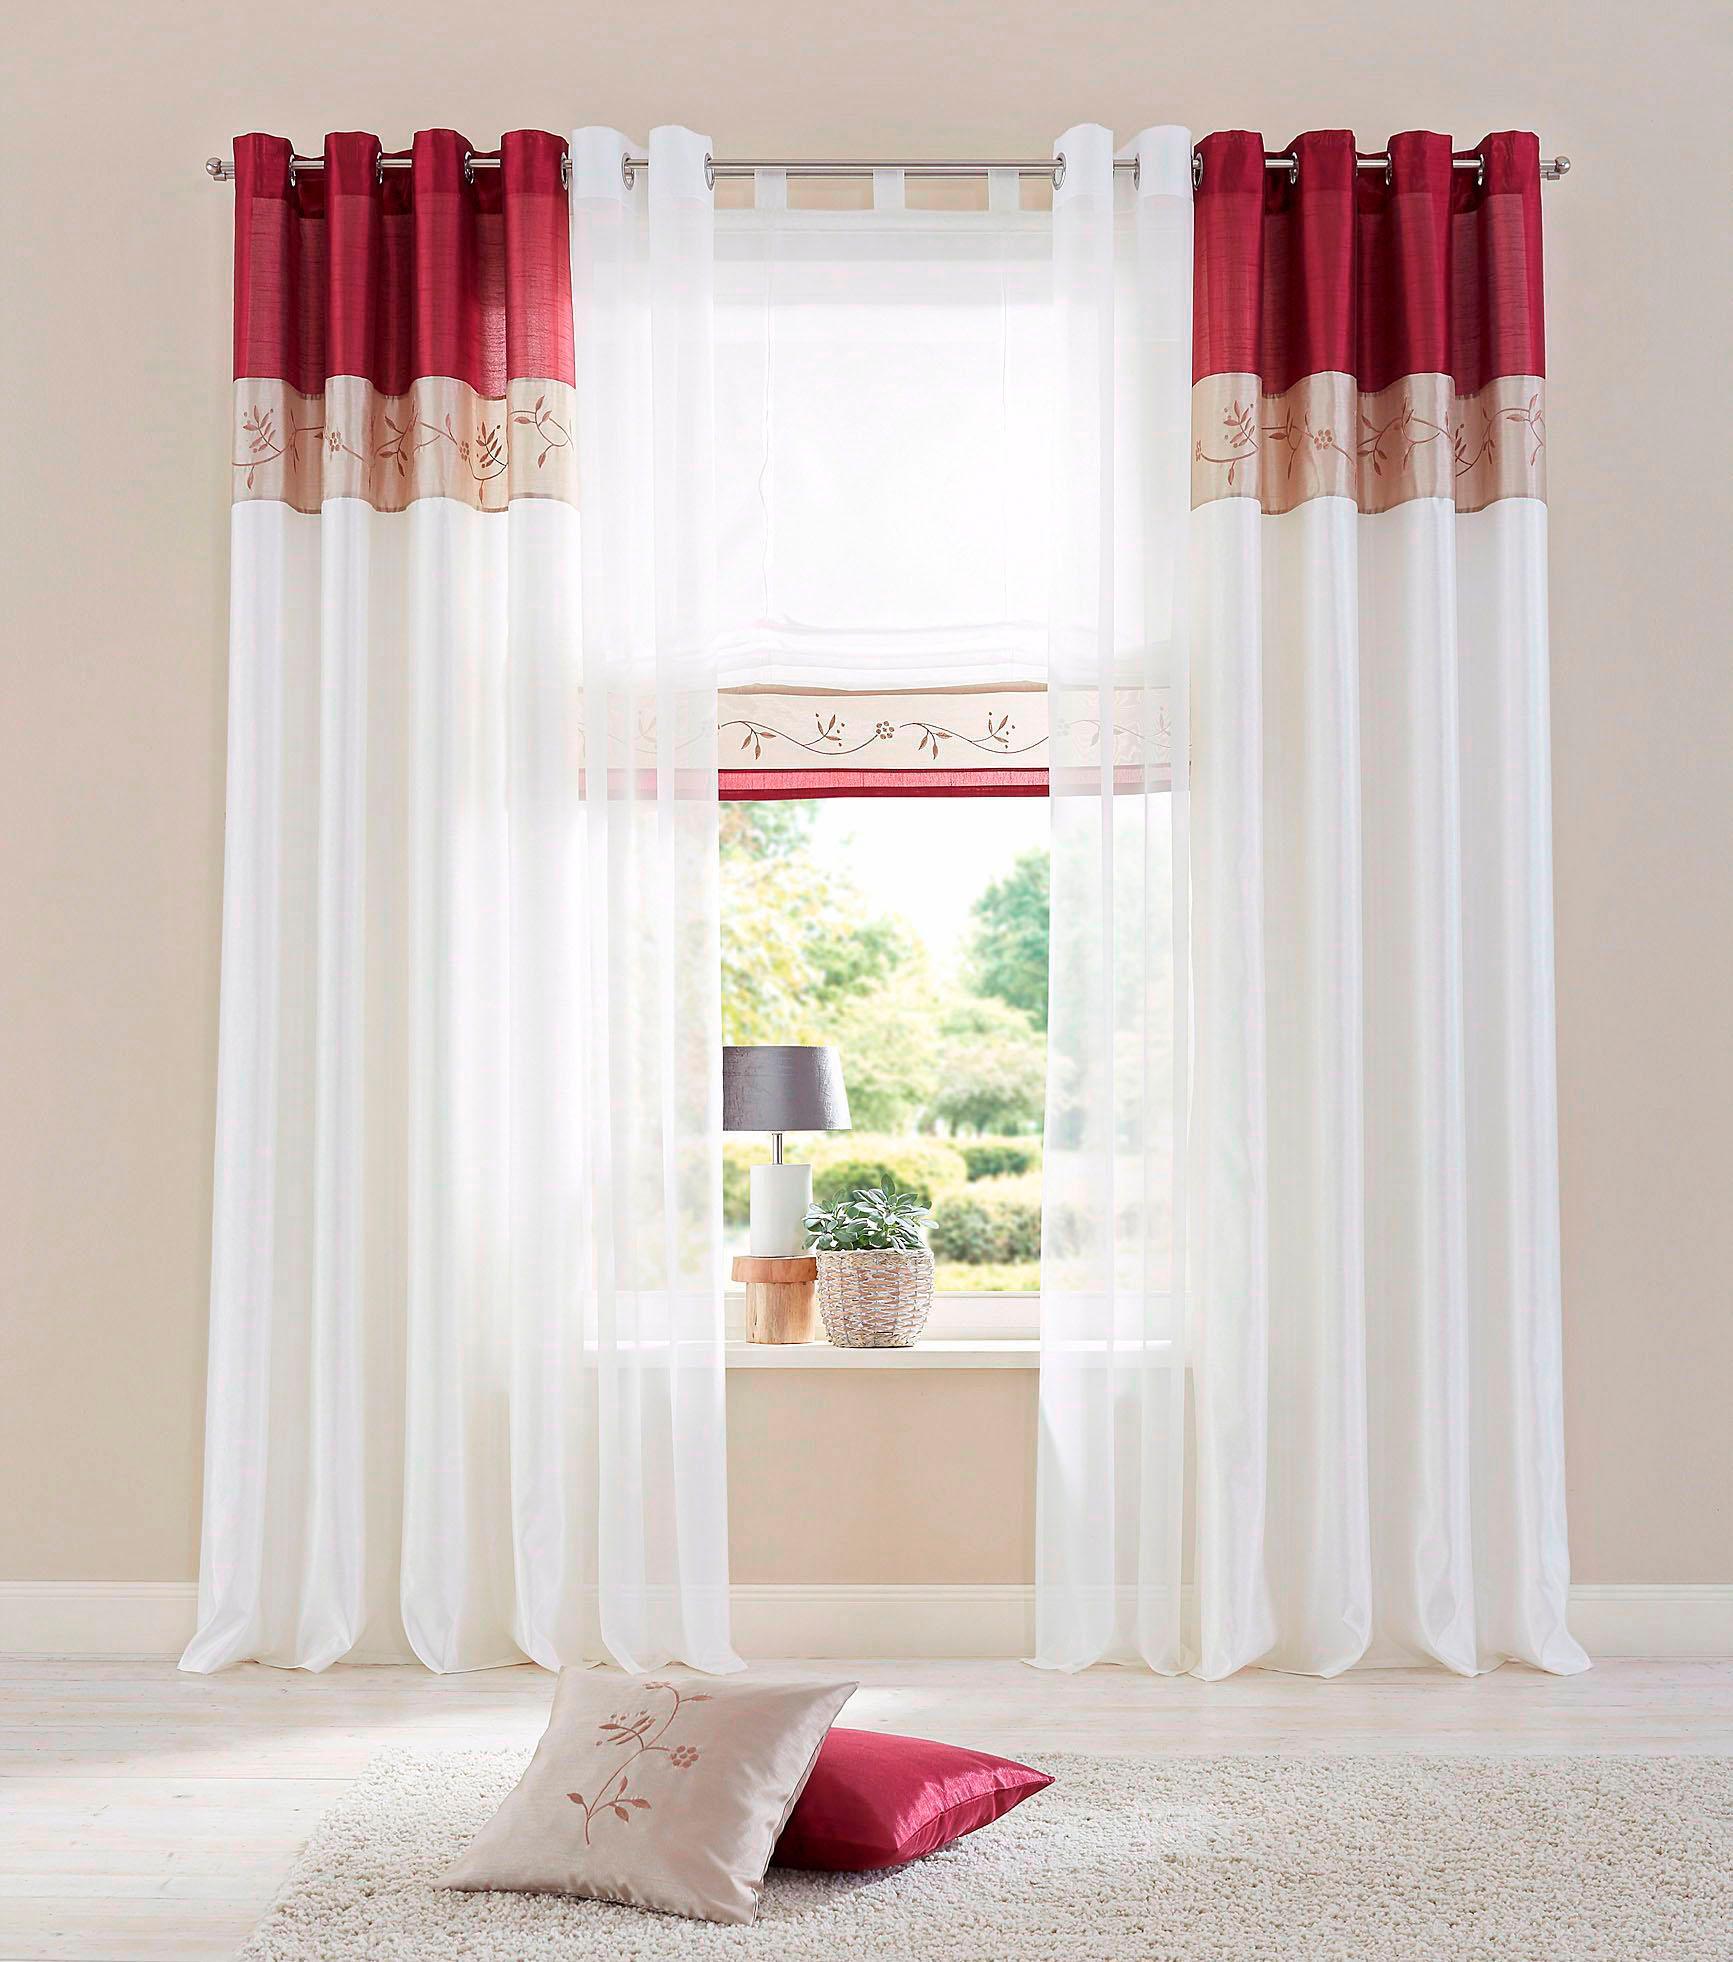 raffrollo sorel my home mit klettband kaufen baur. Black Bedroom Furniture Sets. Home Design Ideas